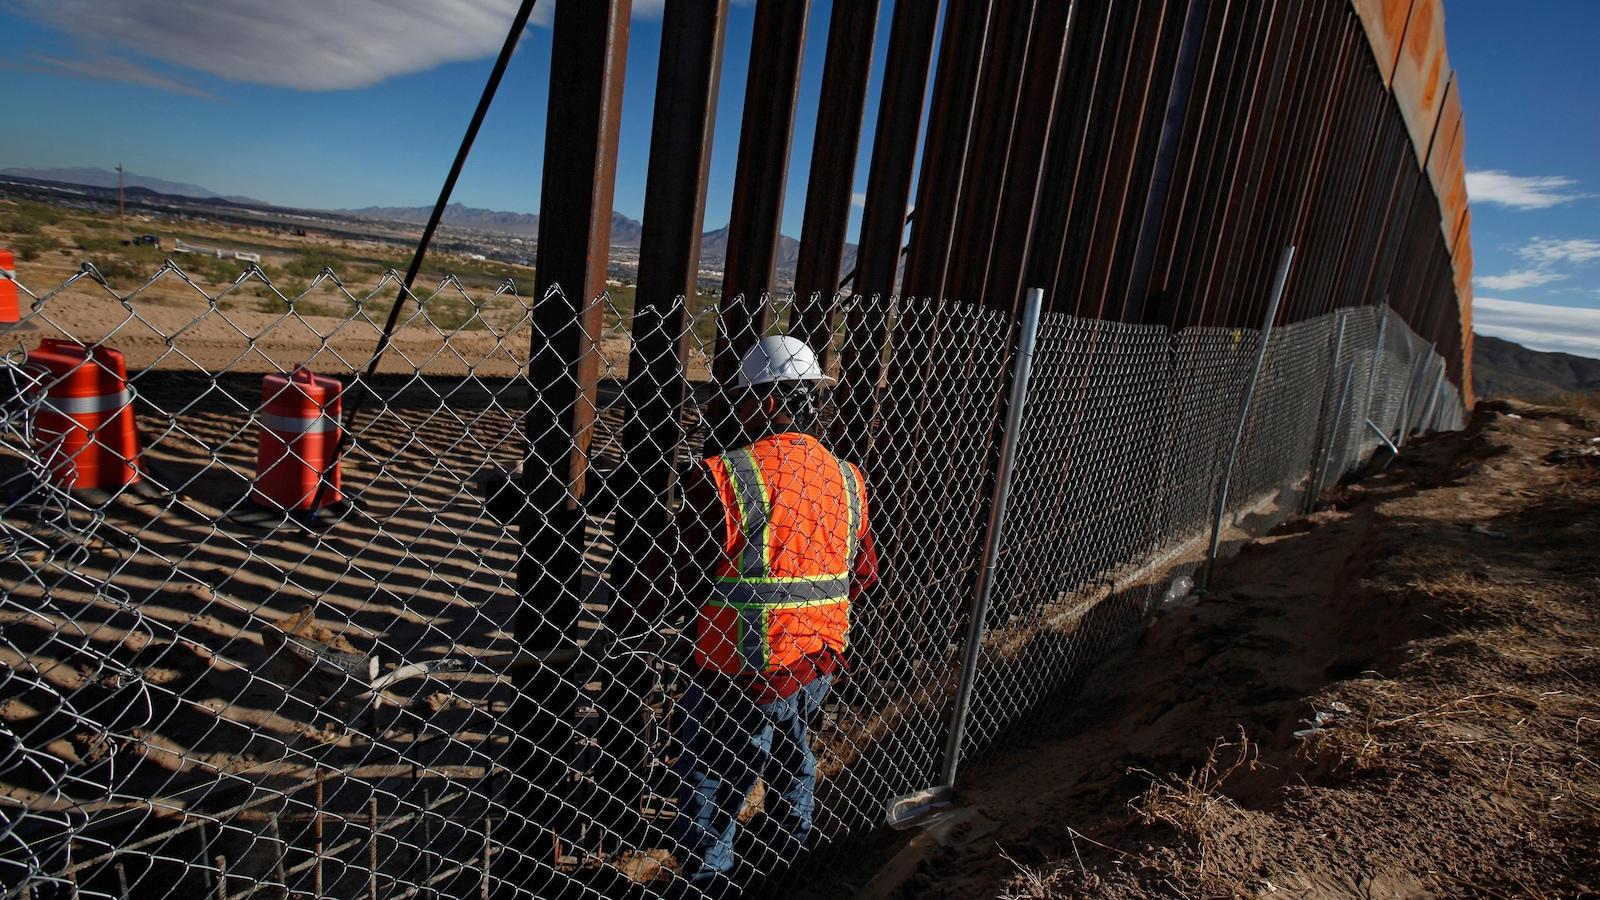 Un homme travaille à la construction d'un mur à la frontière entre les États-Unis et le Mexique.